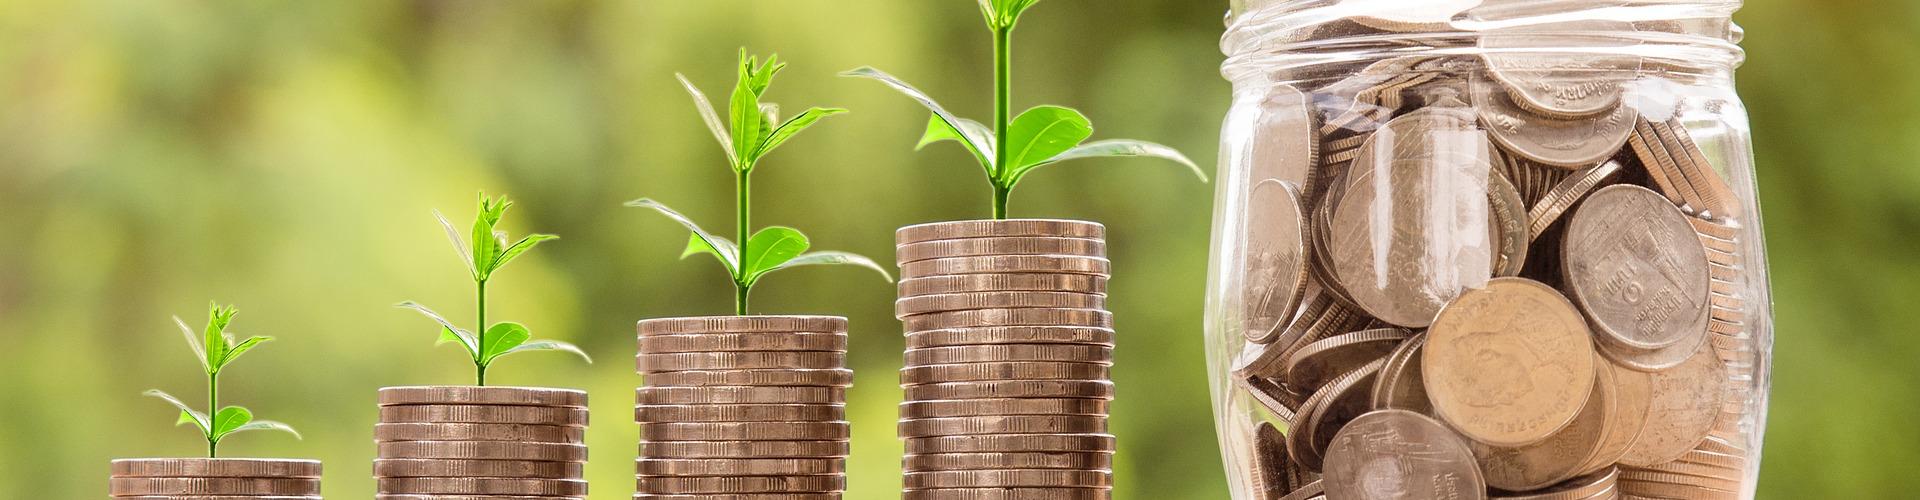 事業の成長を加速する